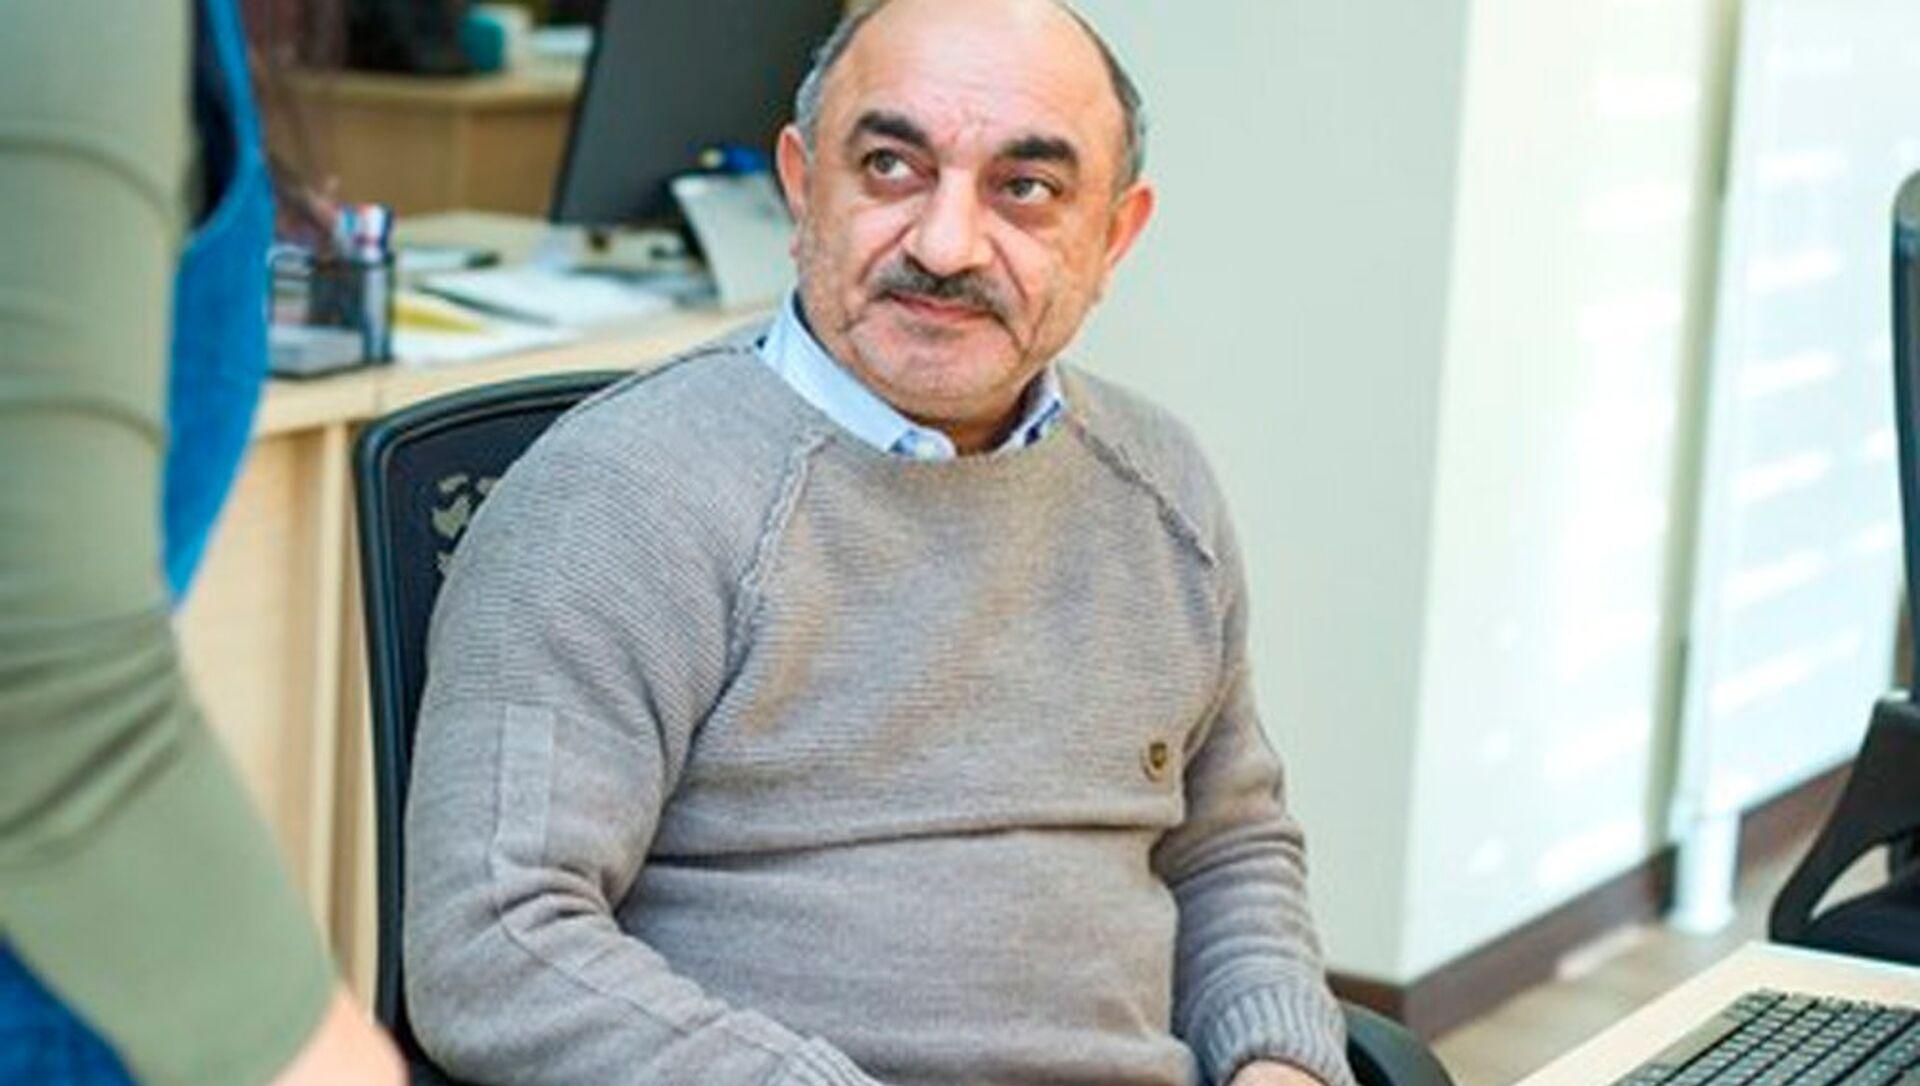 Sədrəddin Soltan, siyasi ekspert  - Sputnik Азербайджан, 1920, 06.08.2021